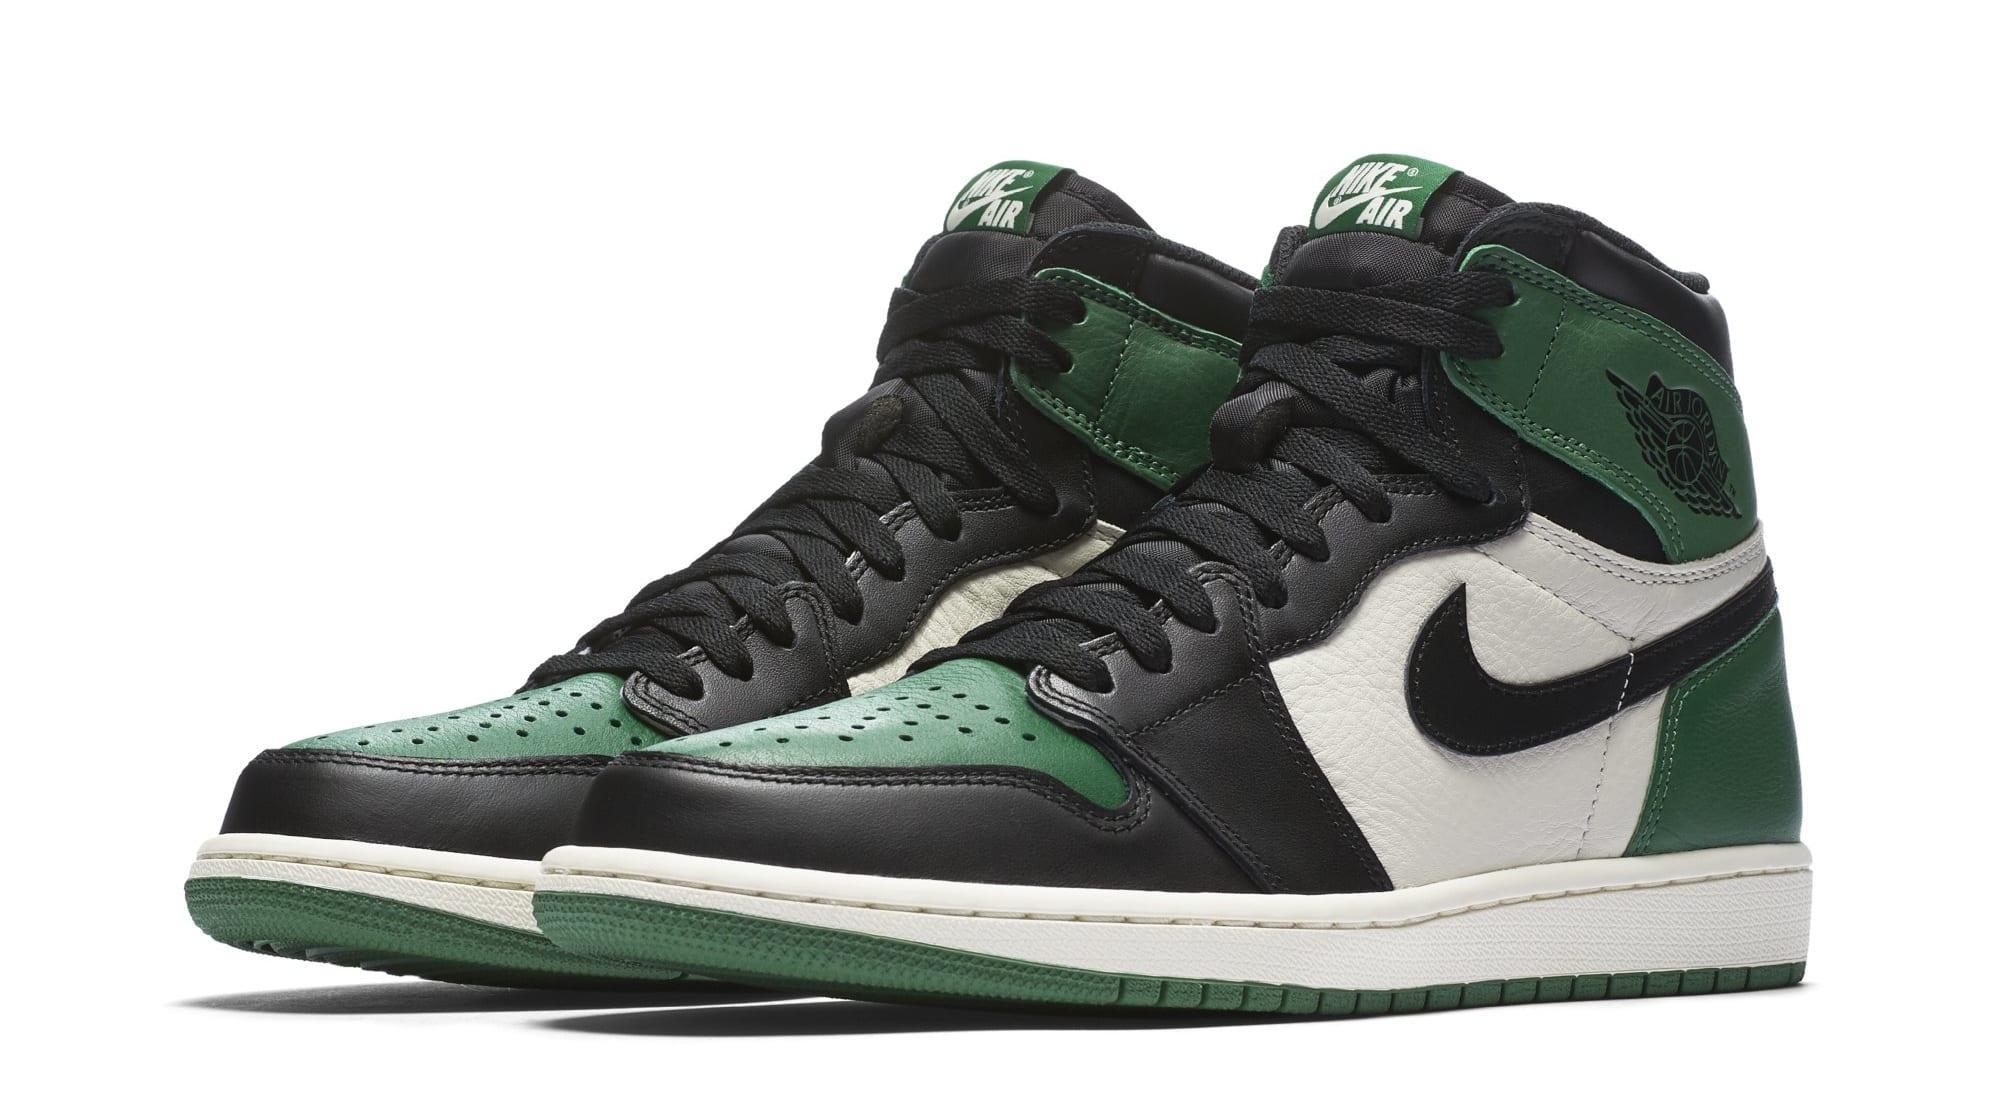 wholesale dealer 95d29 8ec5e ireland black green mens air jordan 18 shoes c110e 2051a